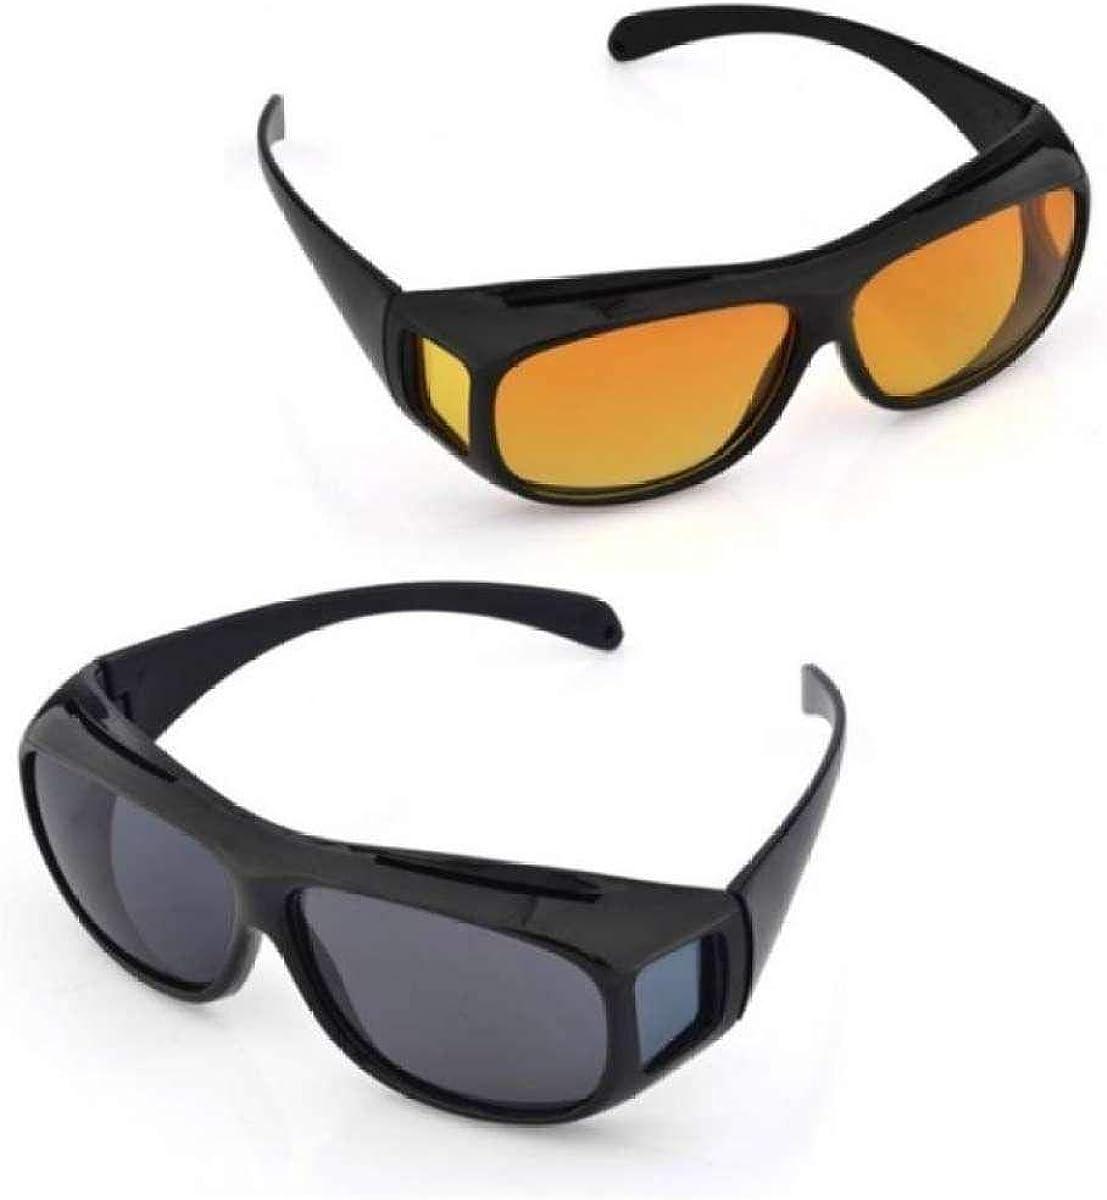 Boolavard 2-pack Juega gafas de visión nocturna para conductores de automóviles, para quienes usan gafas, lentes polarizadas tintadas, según la norma ISO, negro/amarillo